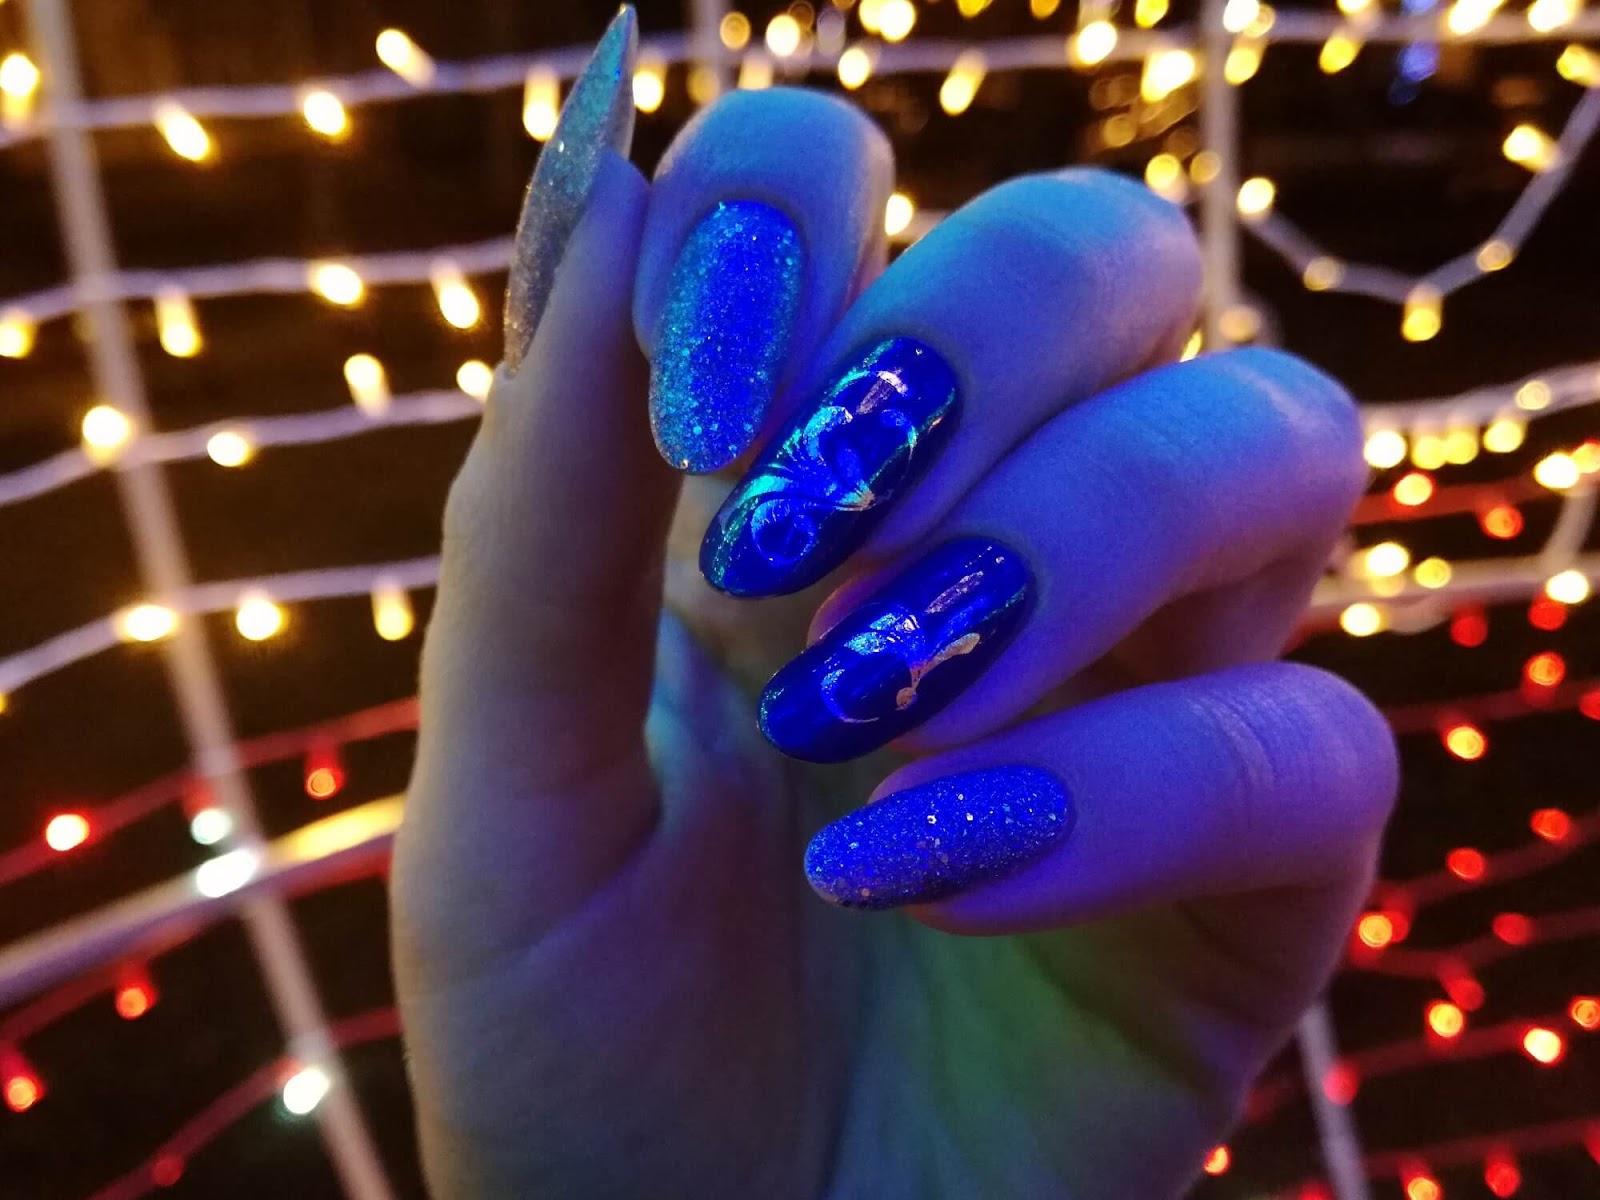 paznokcie w światełkach